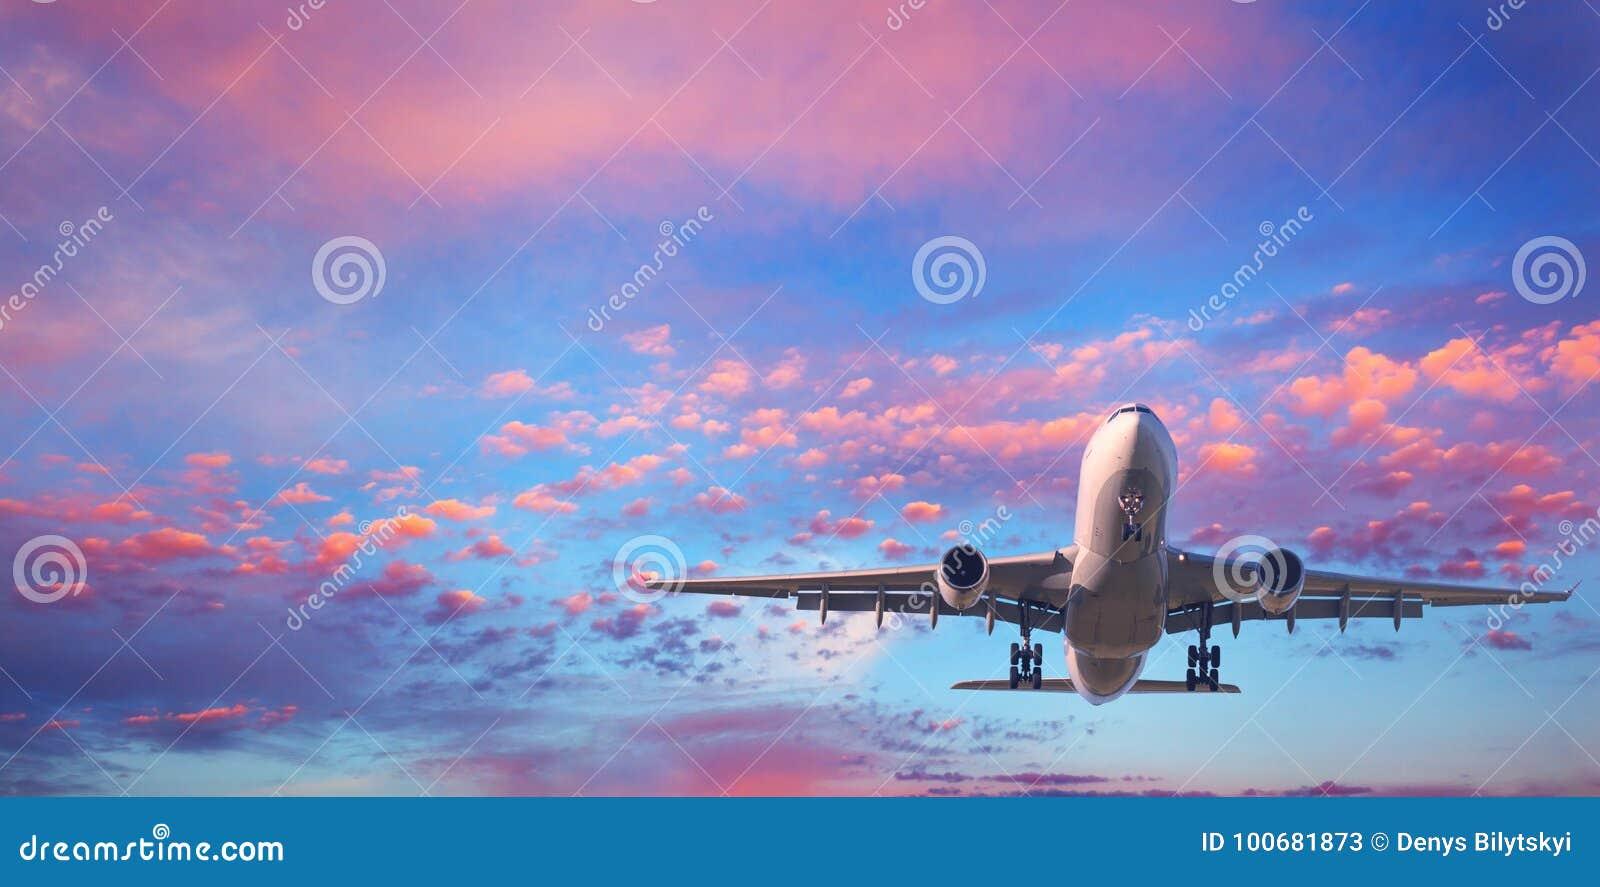 Jet Privato Rosa : Libri usati blokki aviazione jet privato pezzi